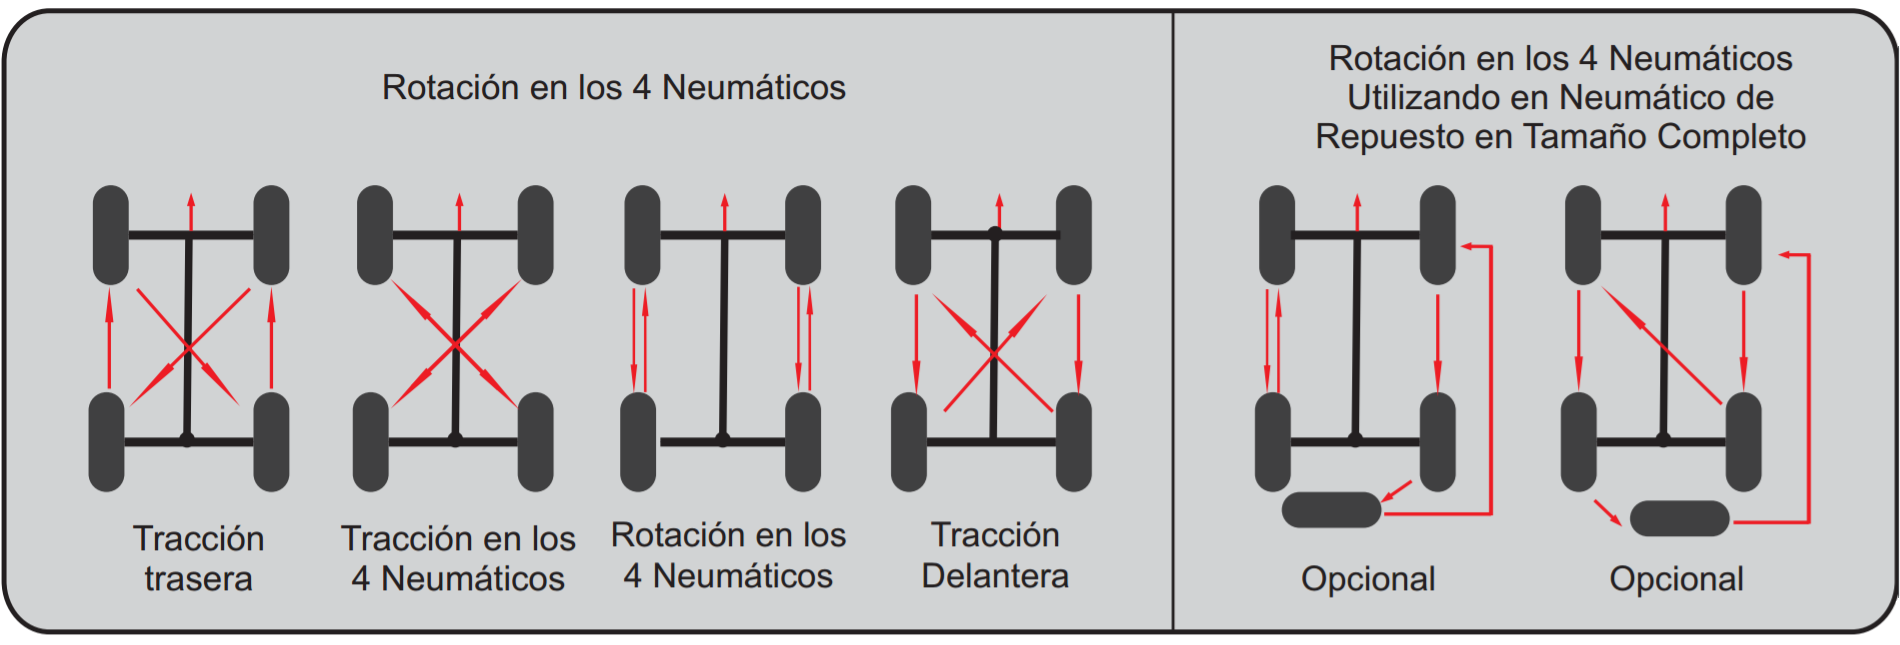 Rotación Neumáticos: Cómo rotar los neumáticos del coche